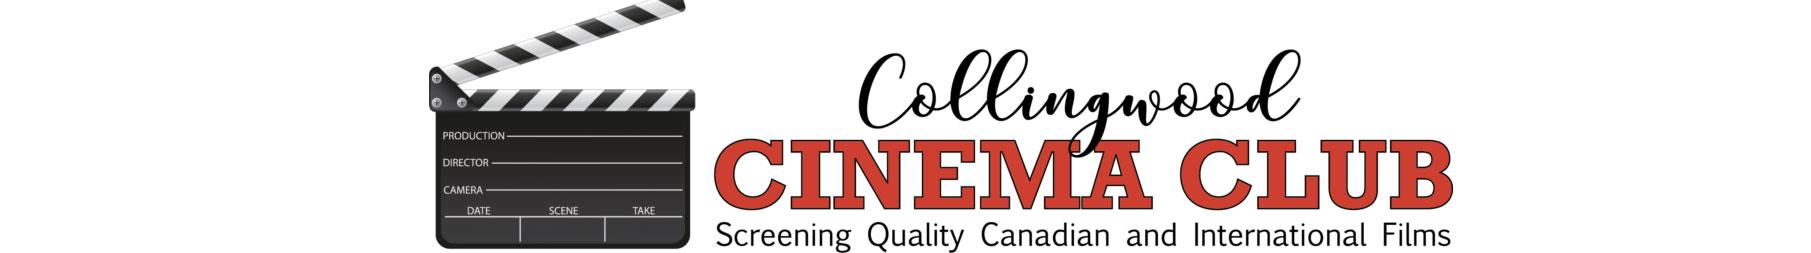 Collingwood Cinema Club 2021